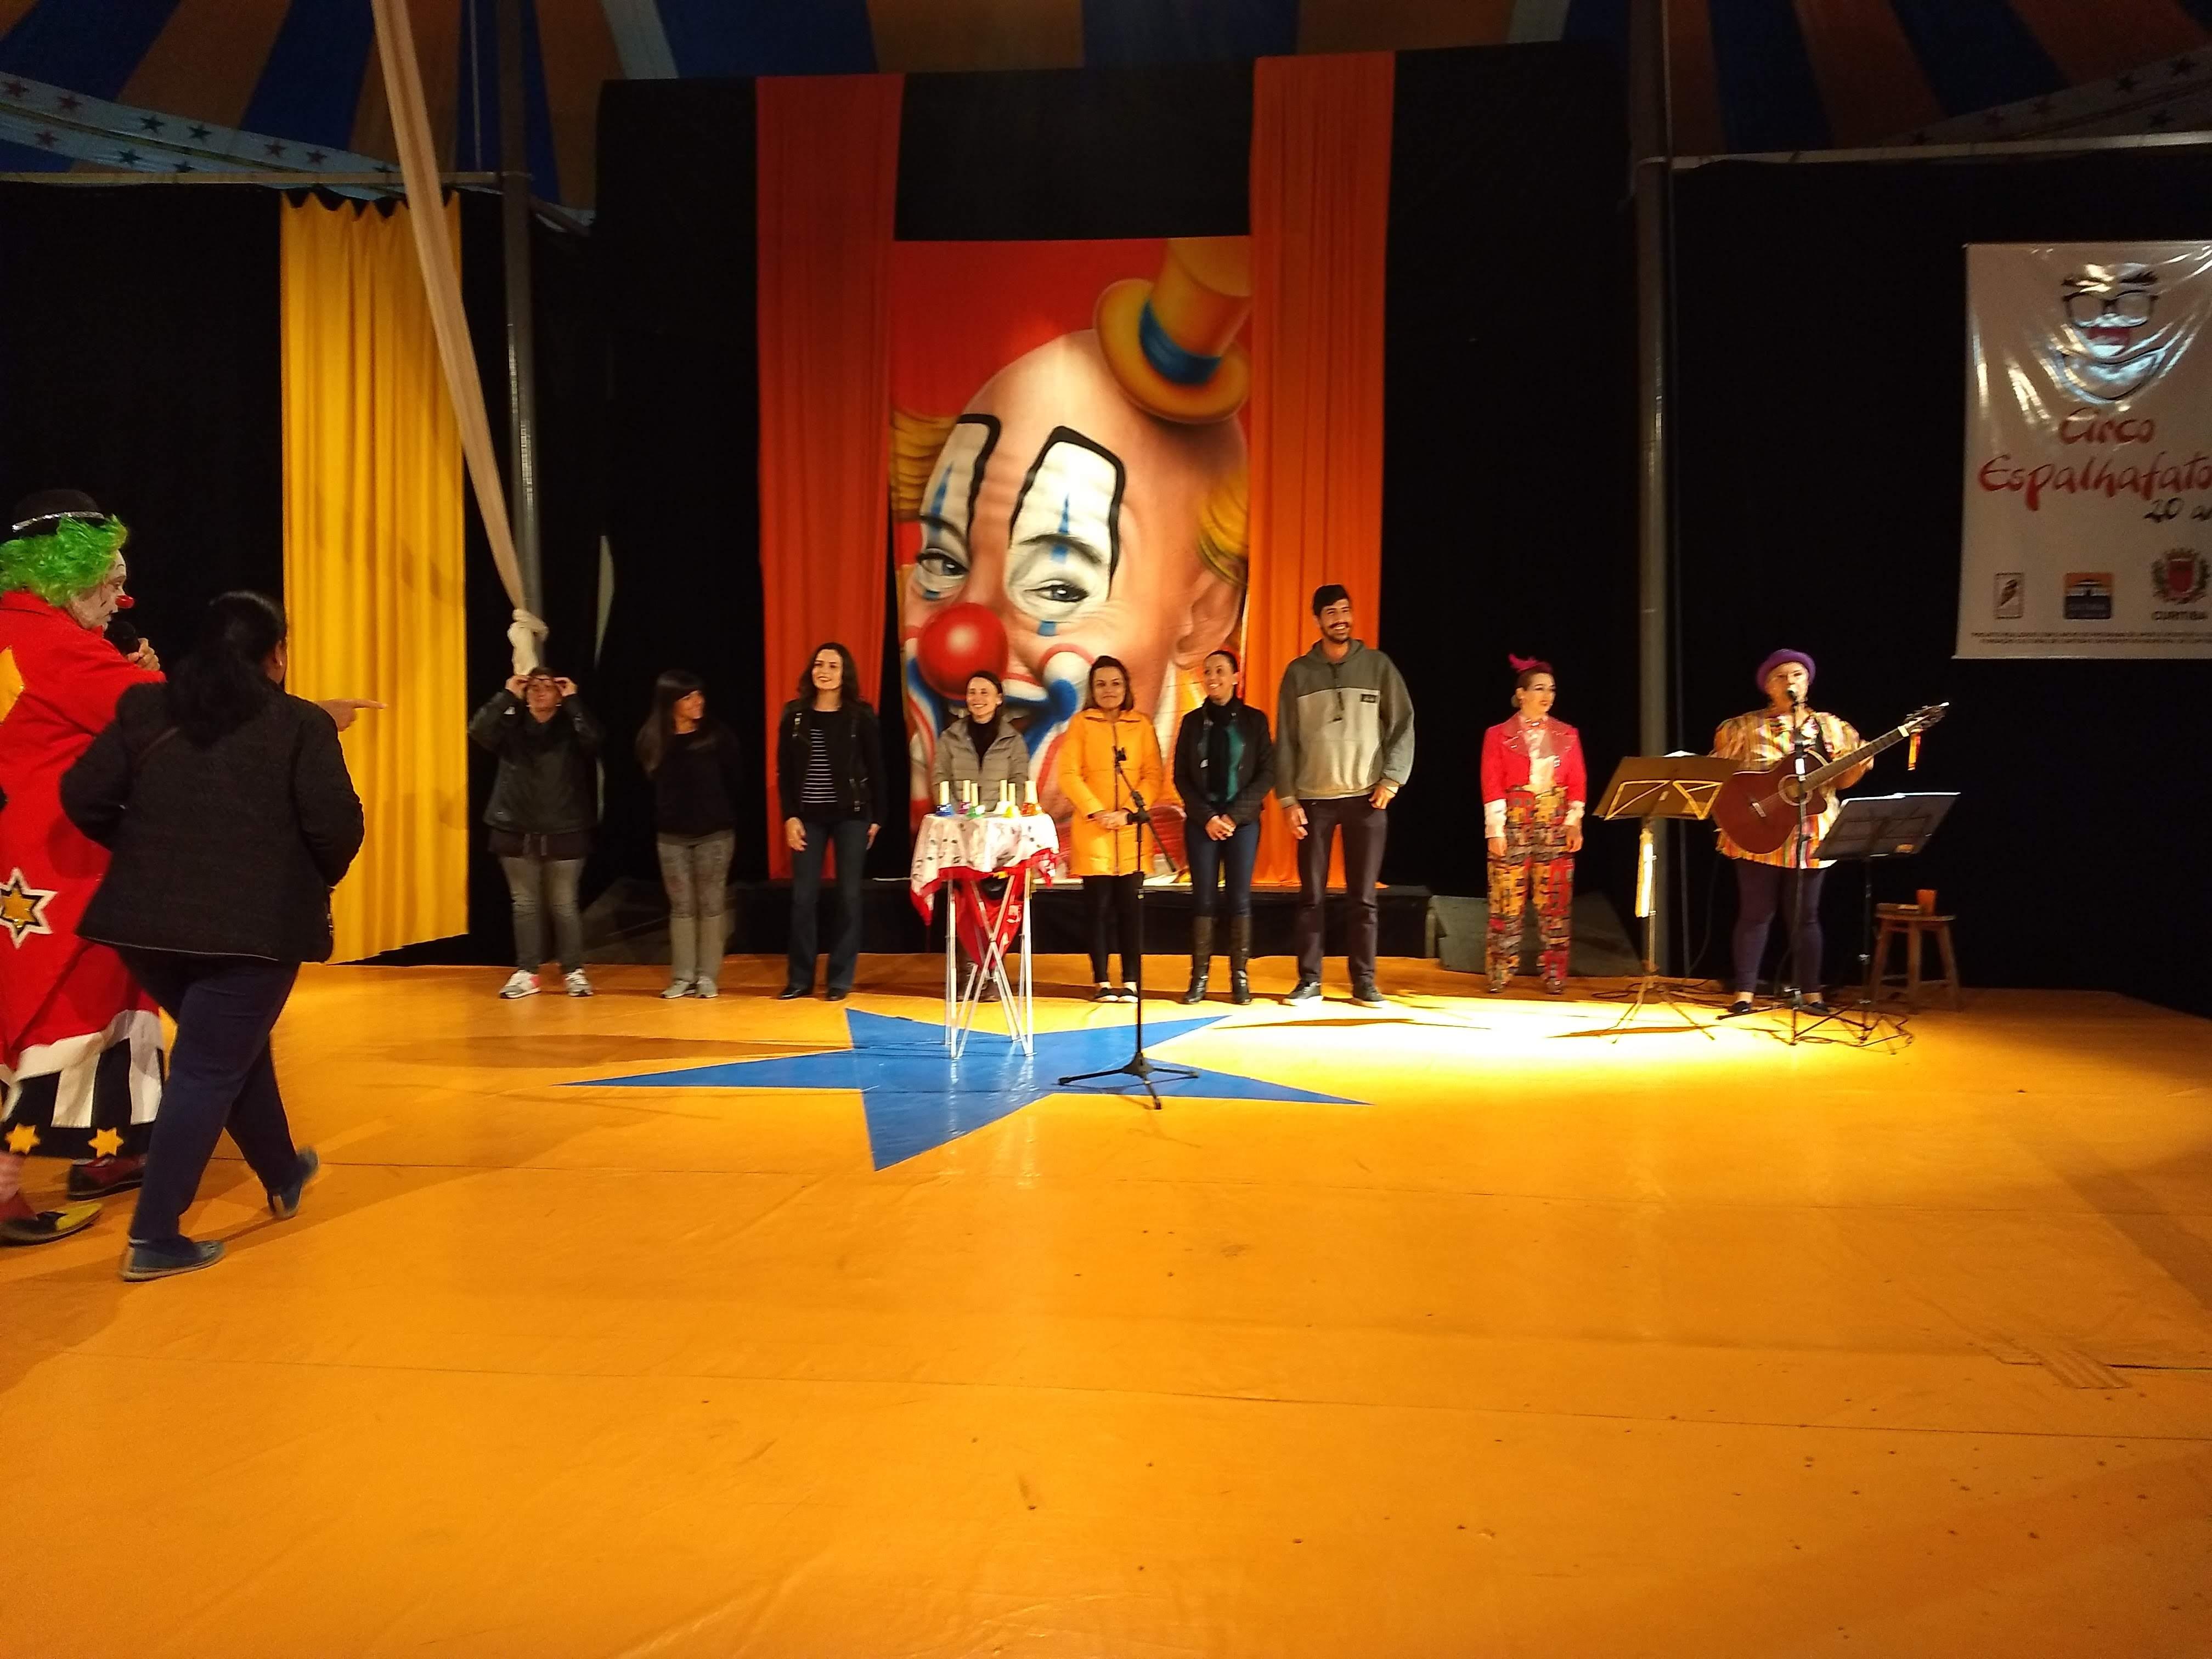 Linhas do Conhecimento no Espetáculo Circo Espalhafatos